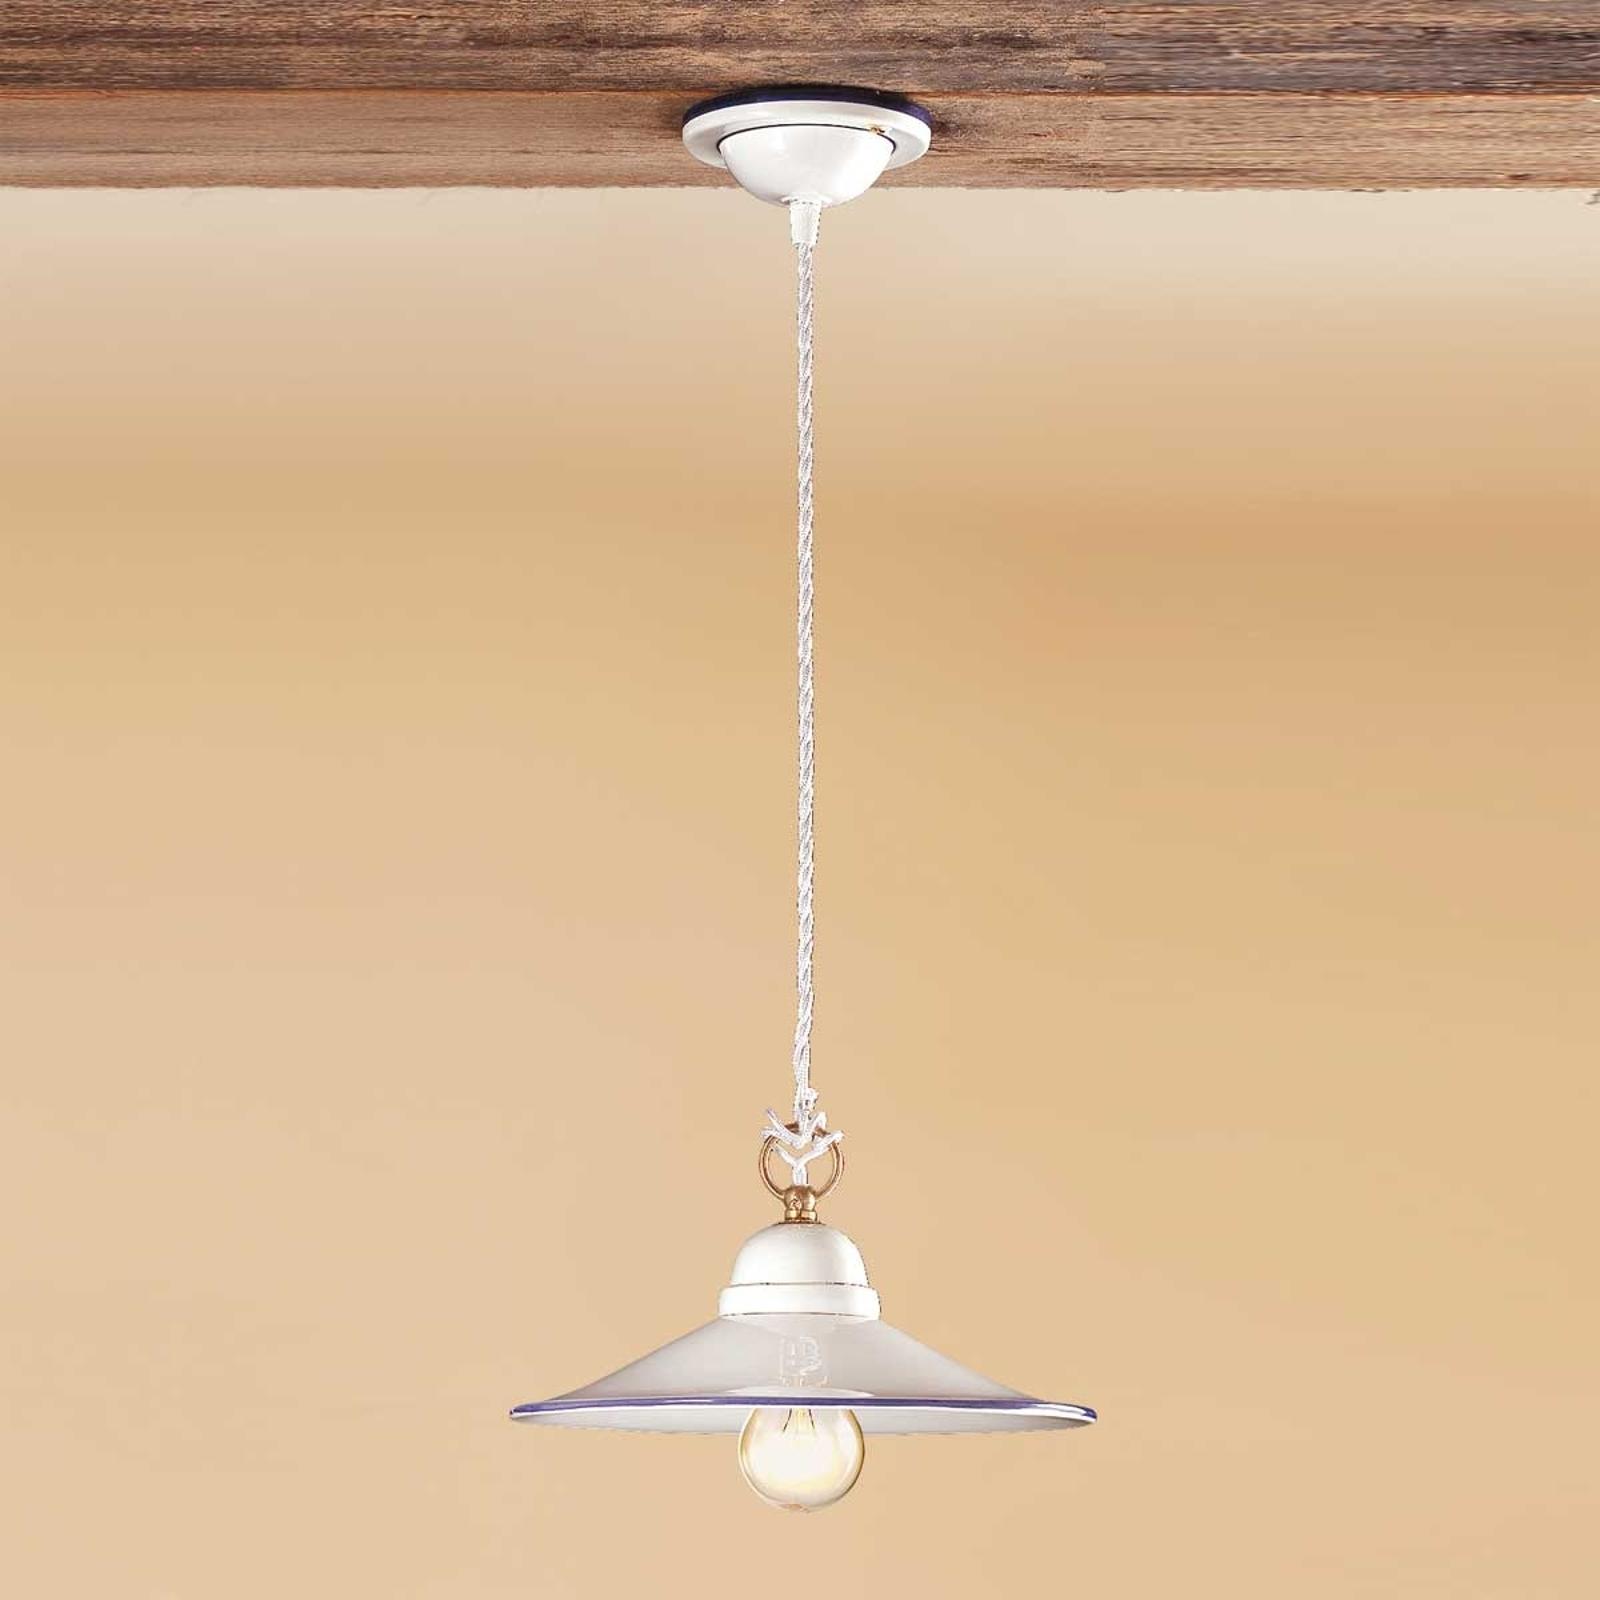 Závěsné světlo PIATTO z keramiky, 28 cm